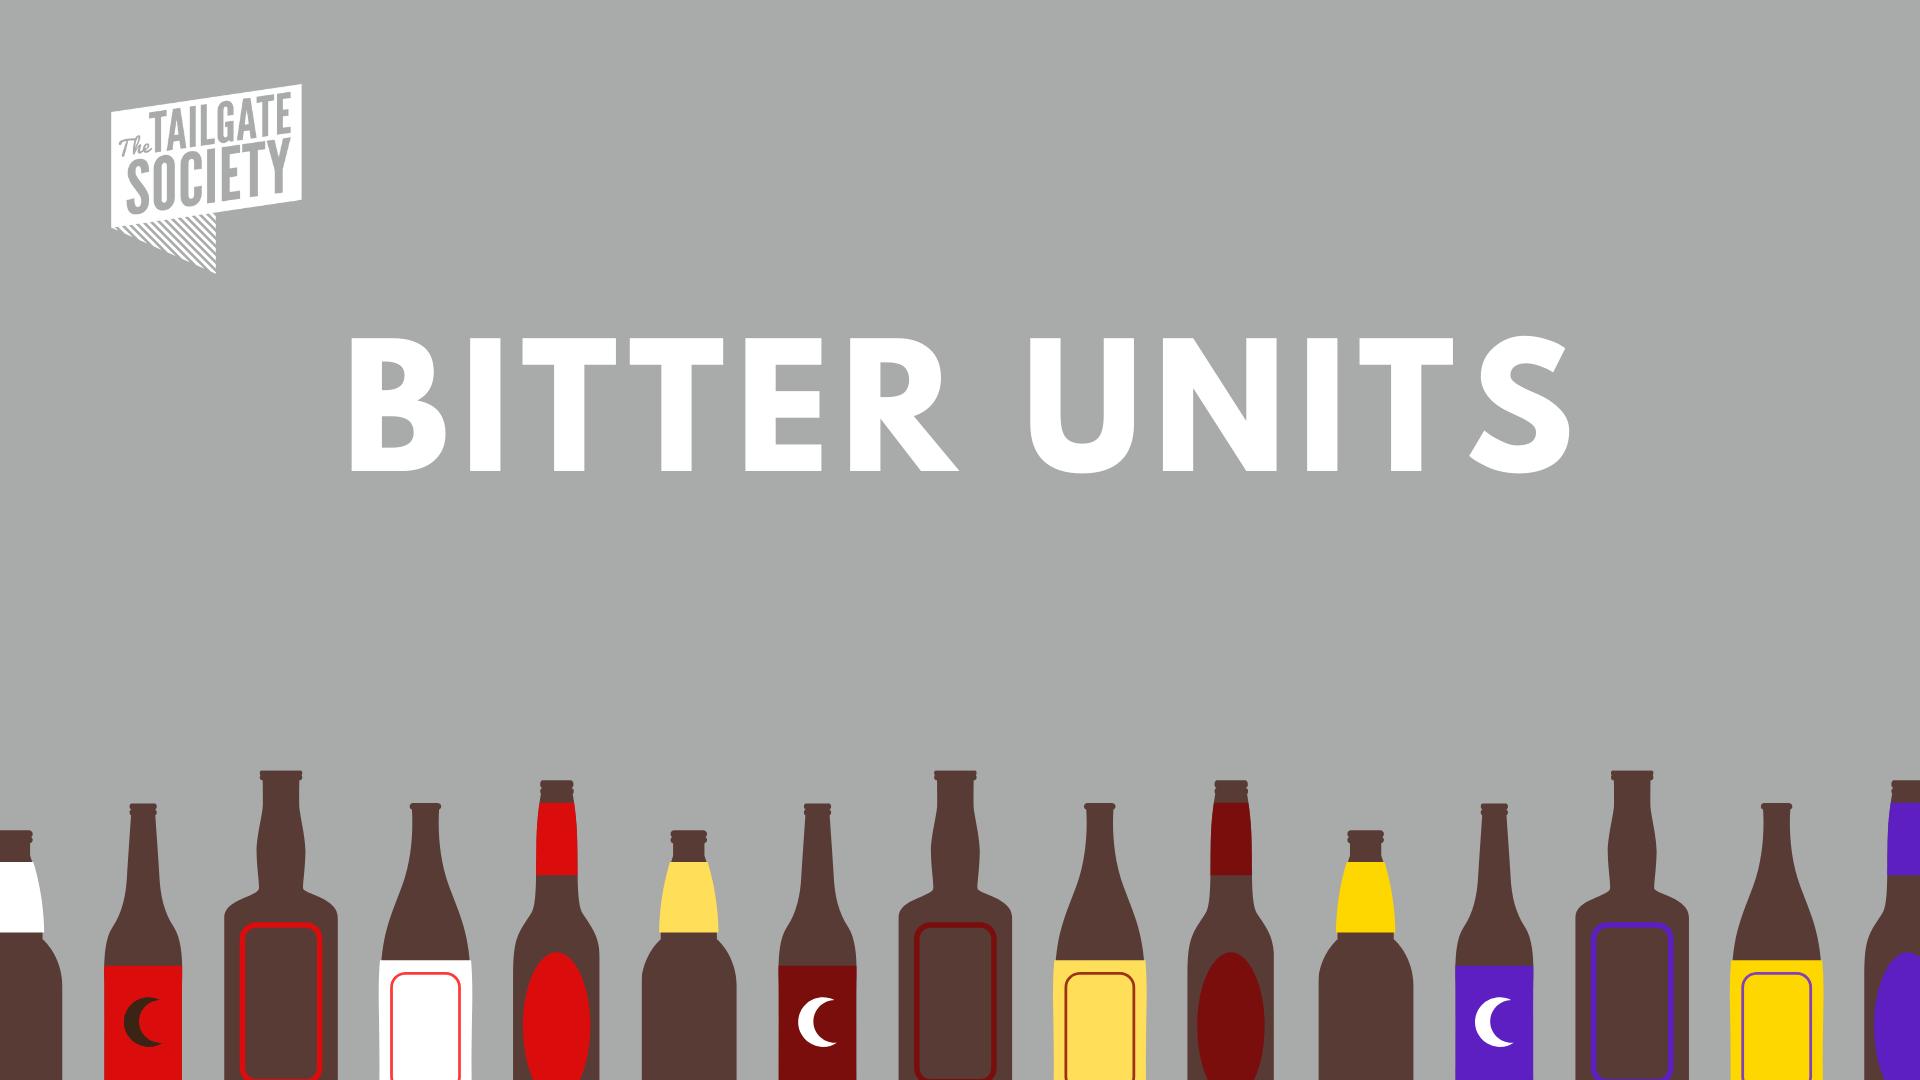 bitterunits2-1